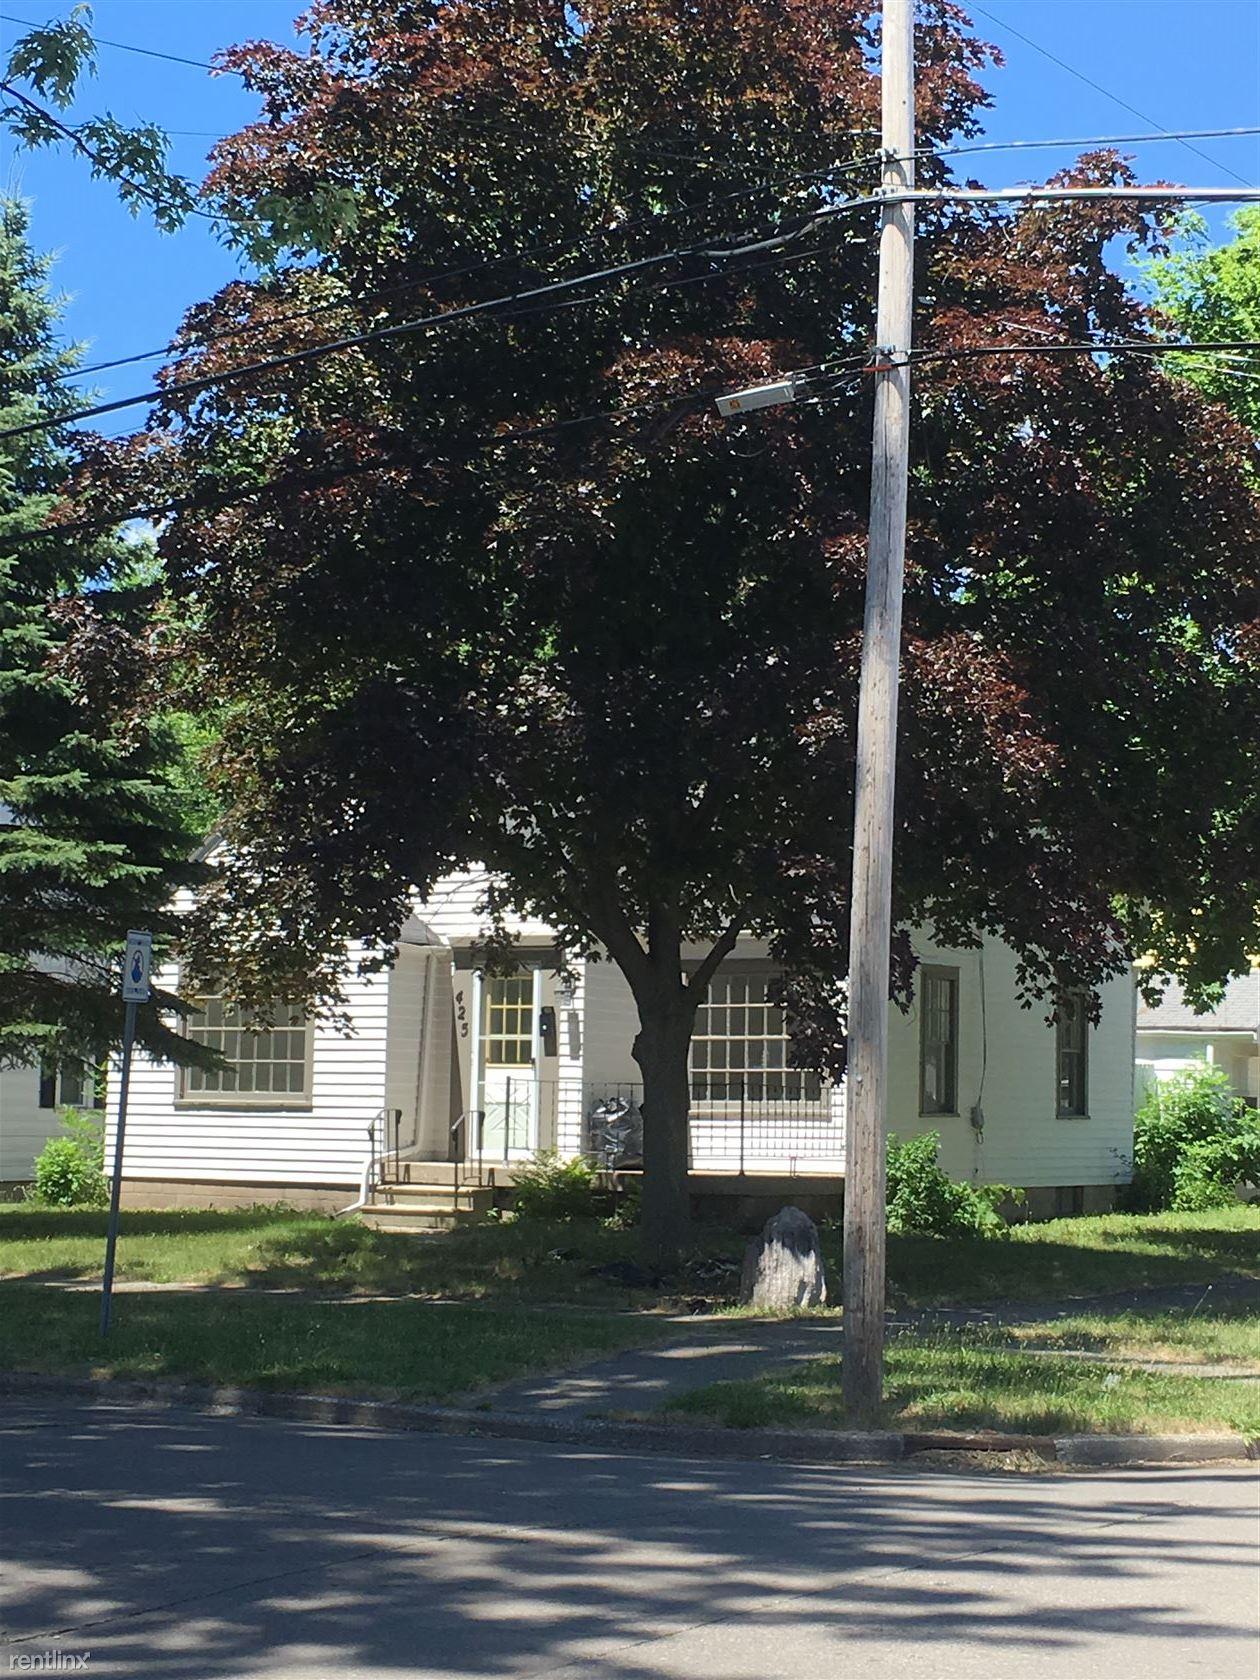 425 N Andre St, Saginaw, MI 48602